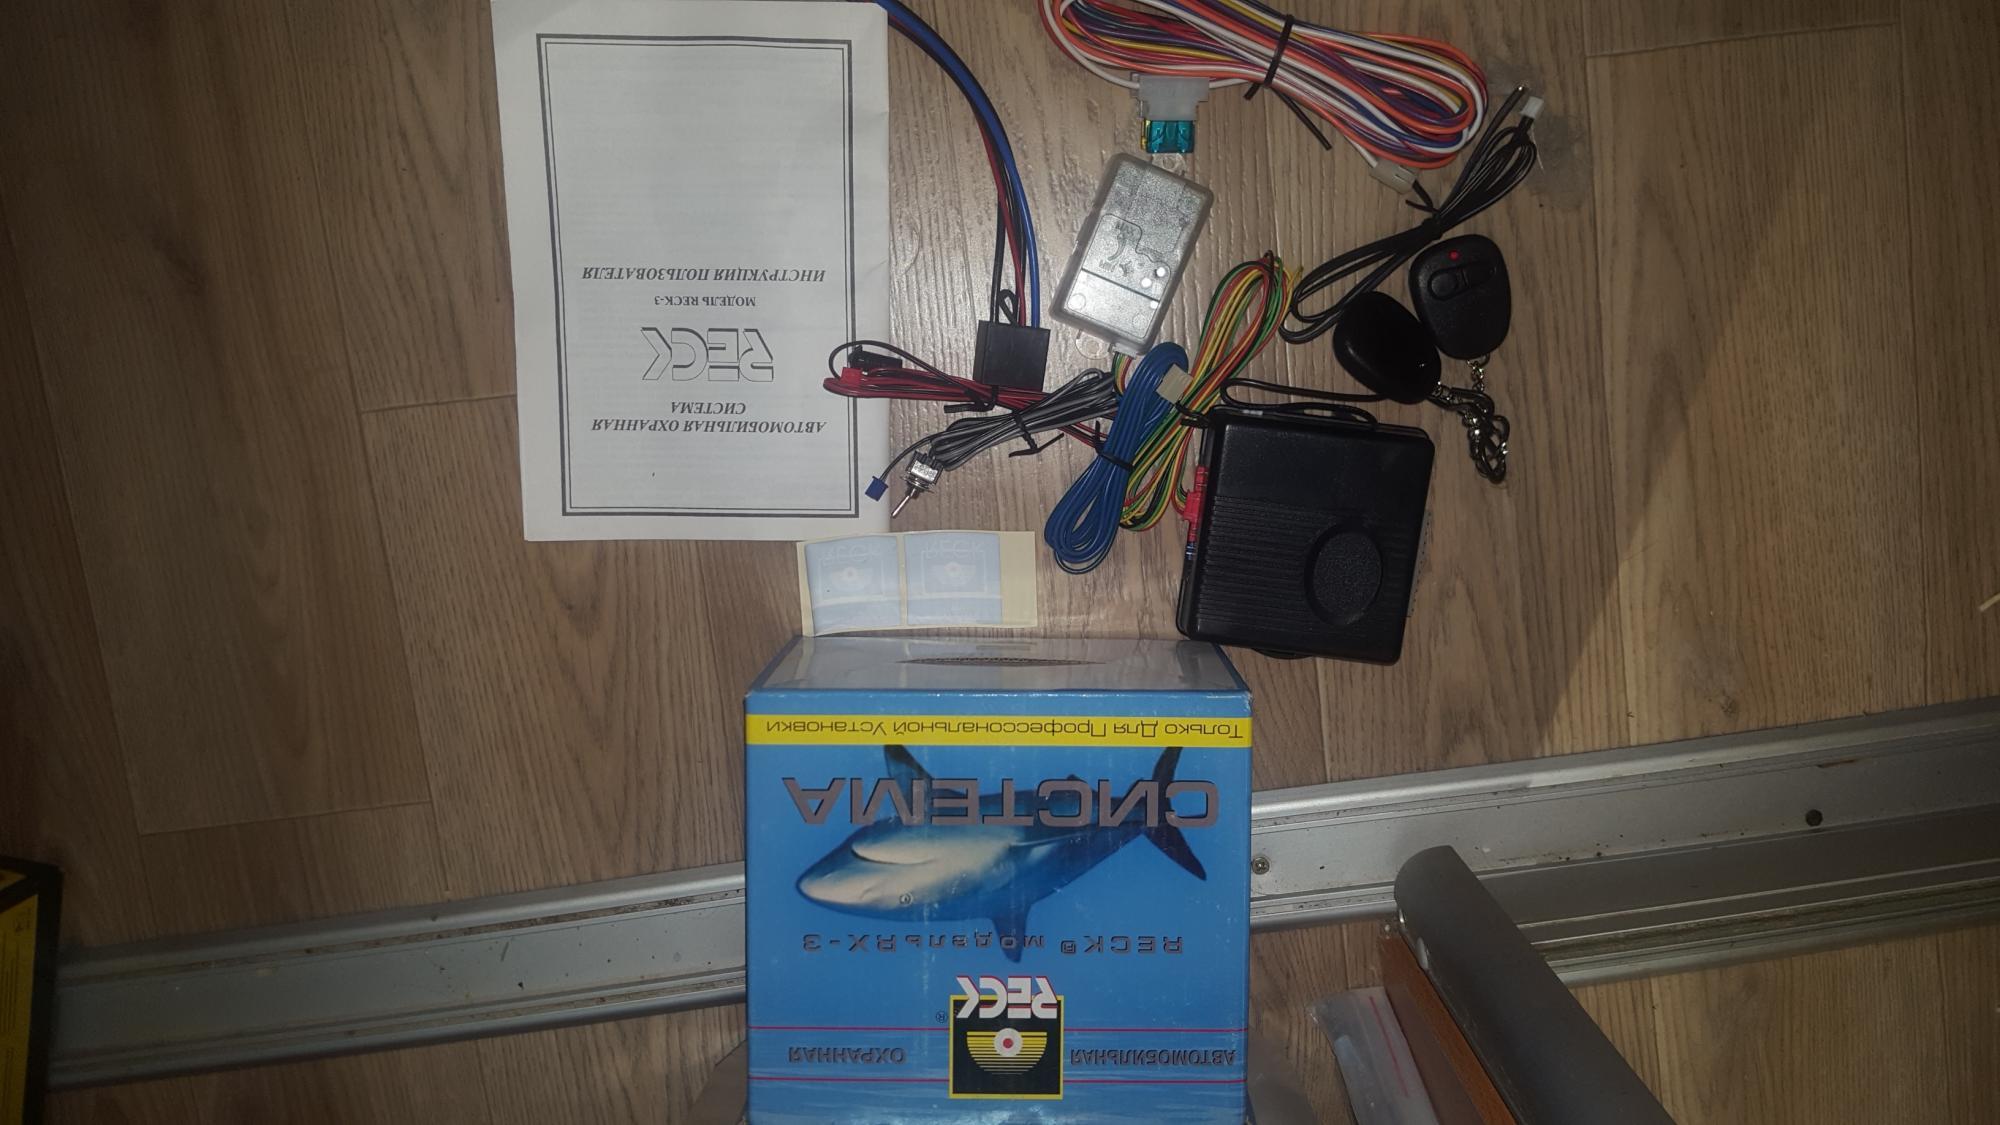 Сигнализация комплект новый в Москве 89037429425 купить 1